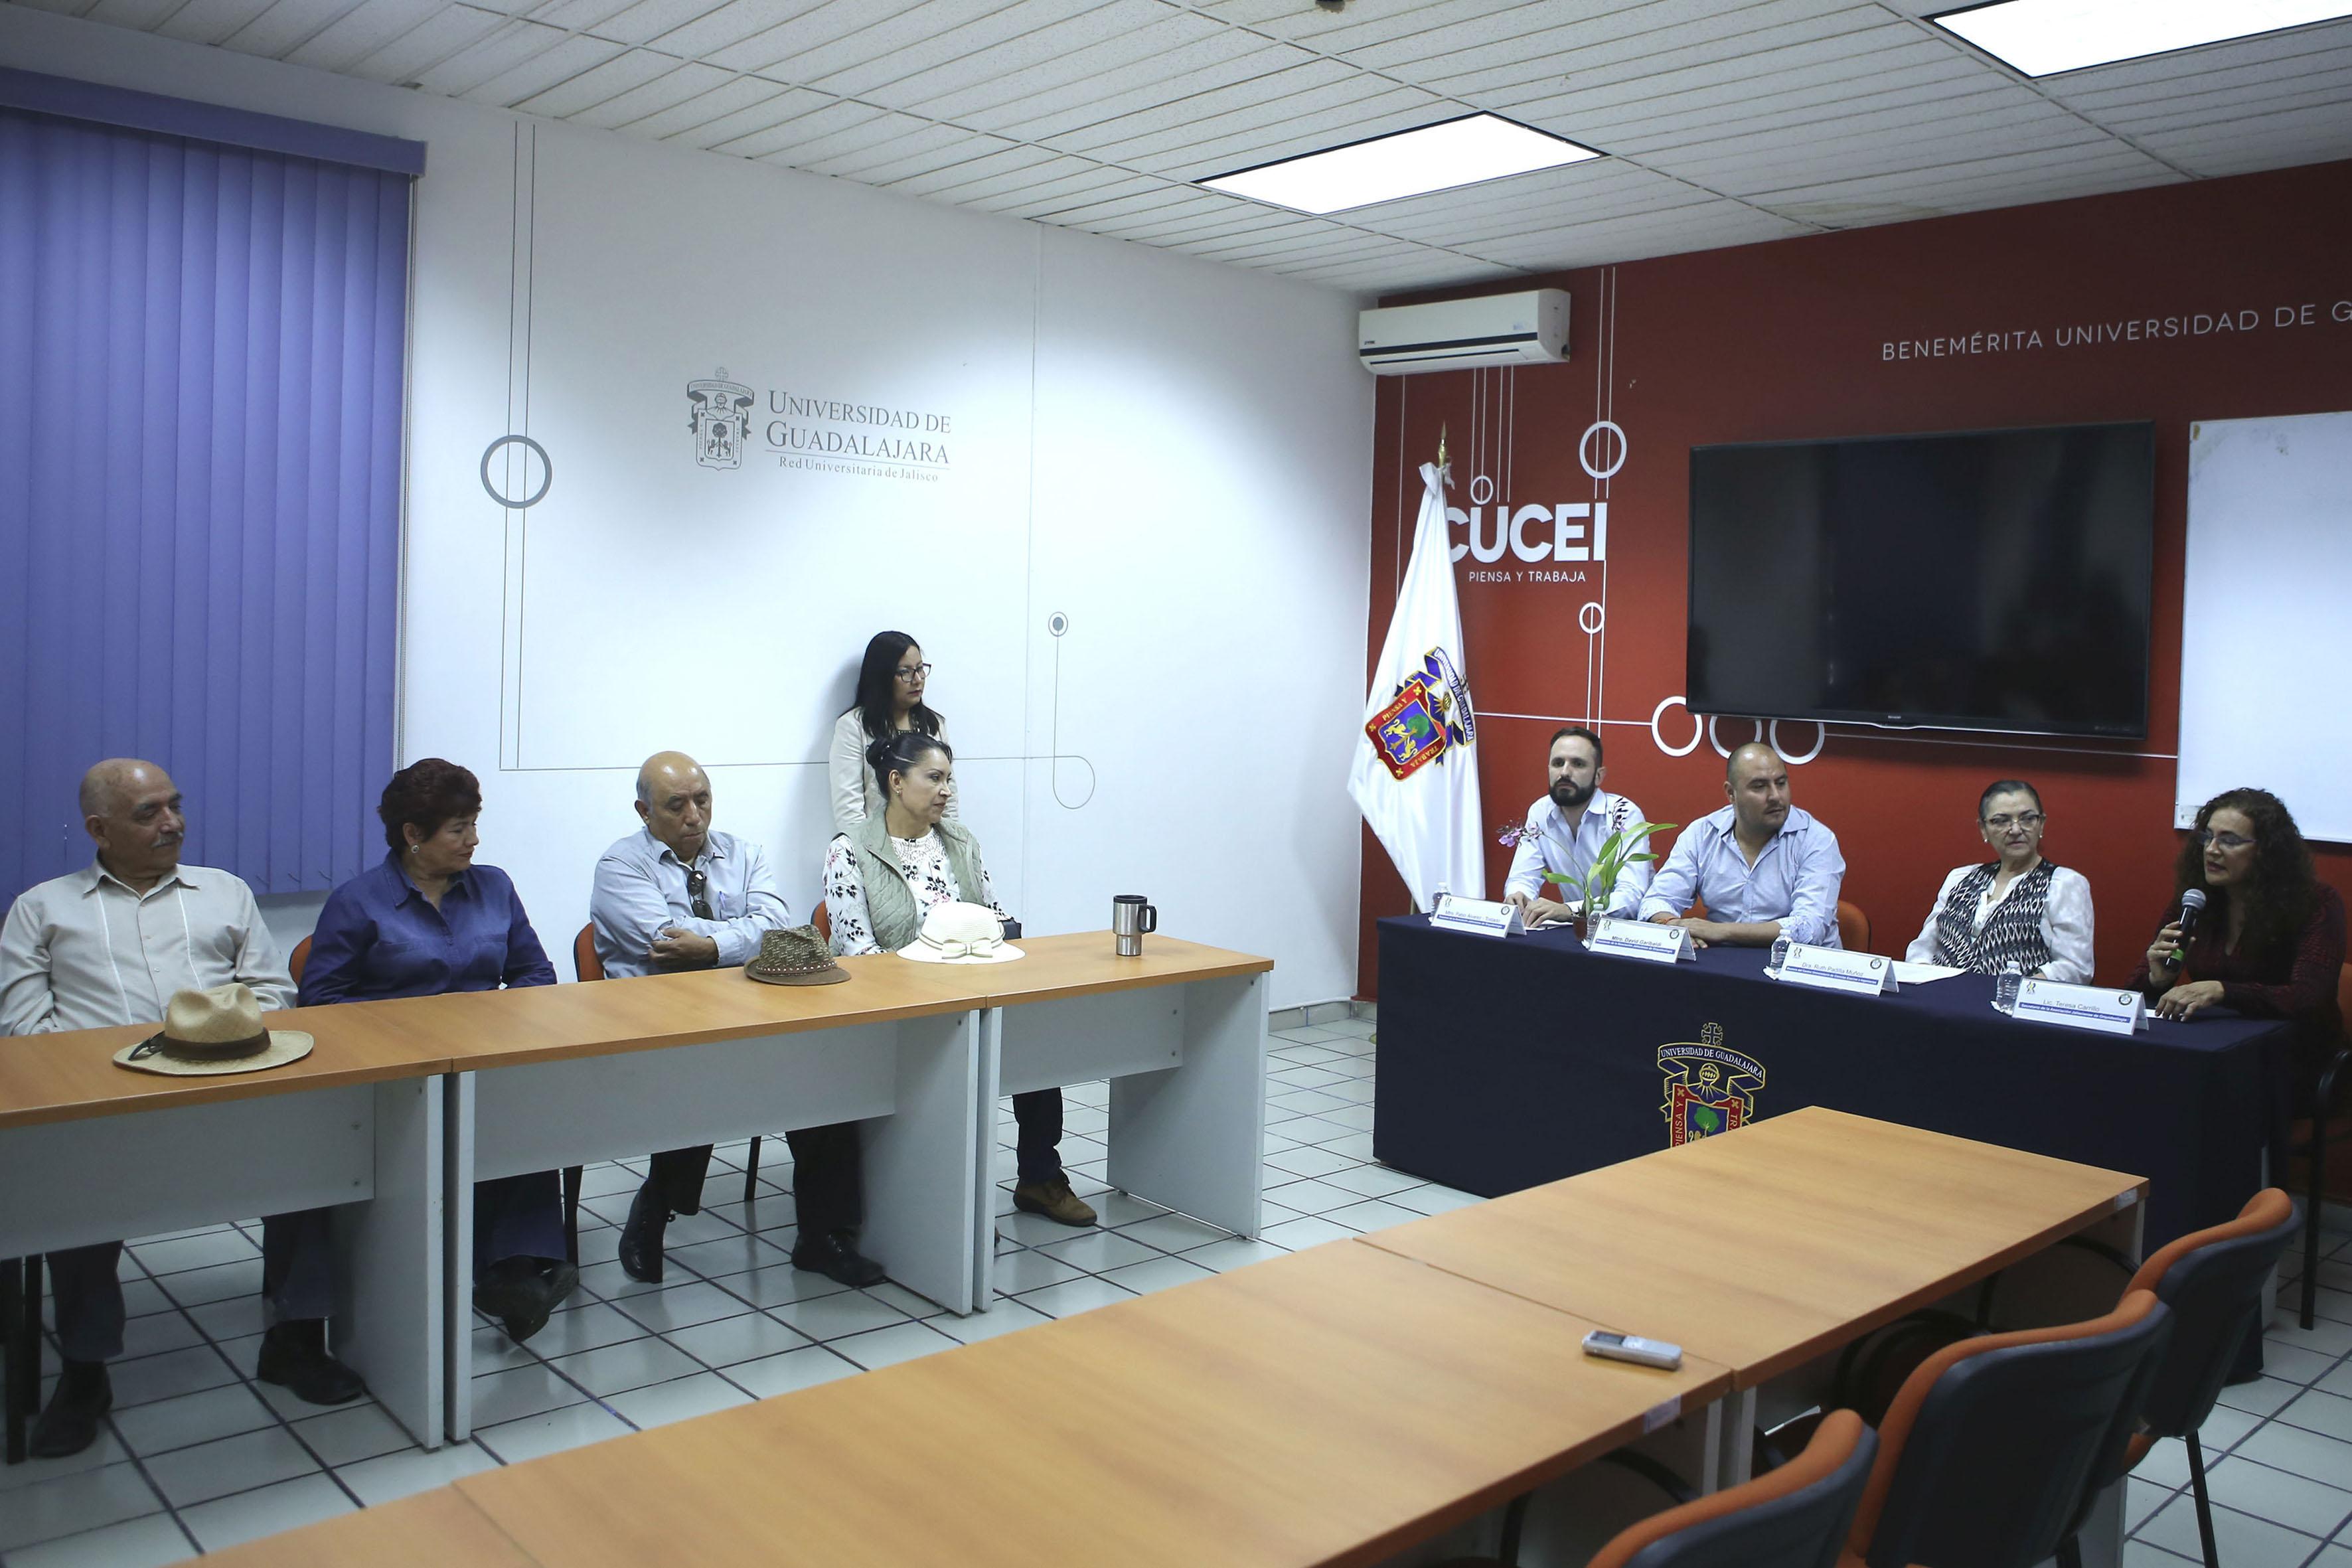 Vista panorámica de la charla llevada acabo en instalaciones del CUCEI, donde participaron representantes del centro universitario y de la Asociación Jalisciense de Orquideología.